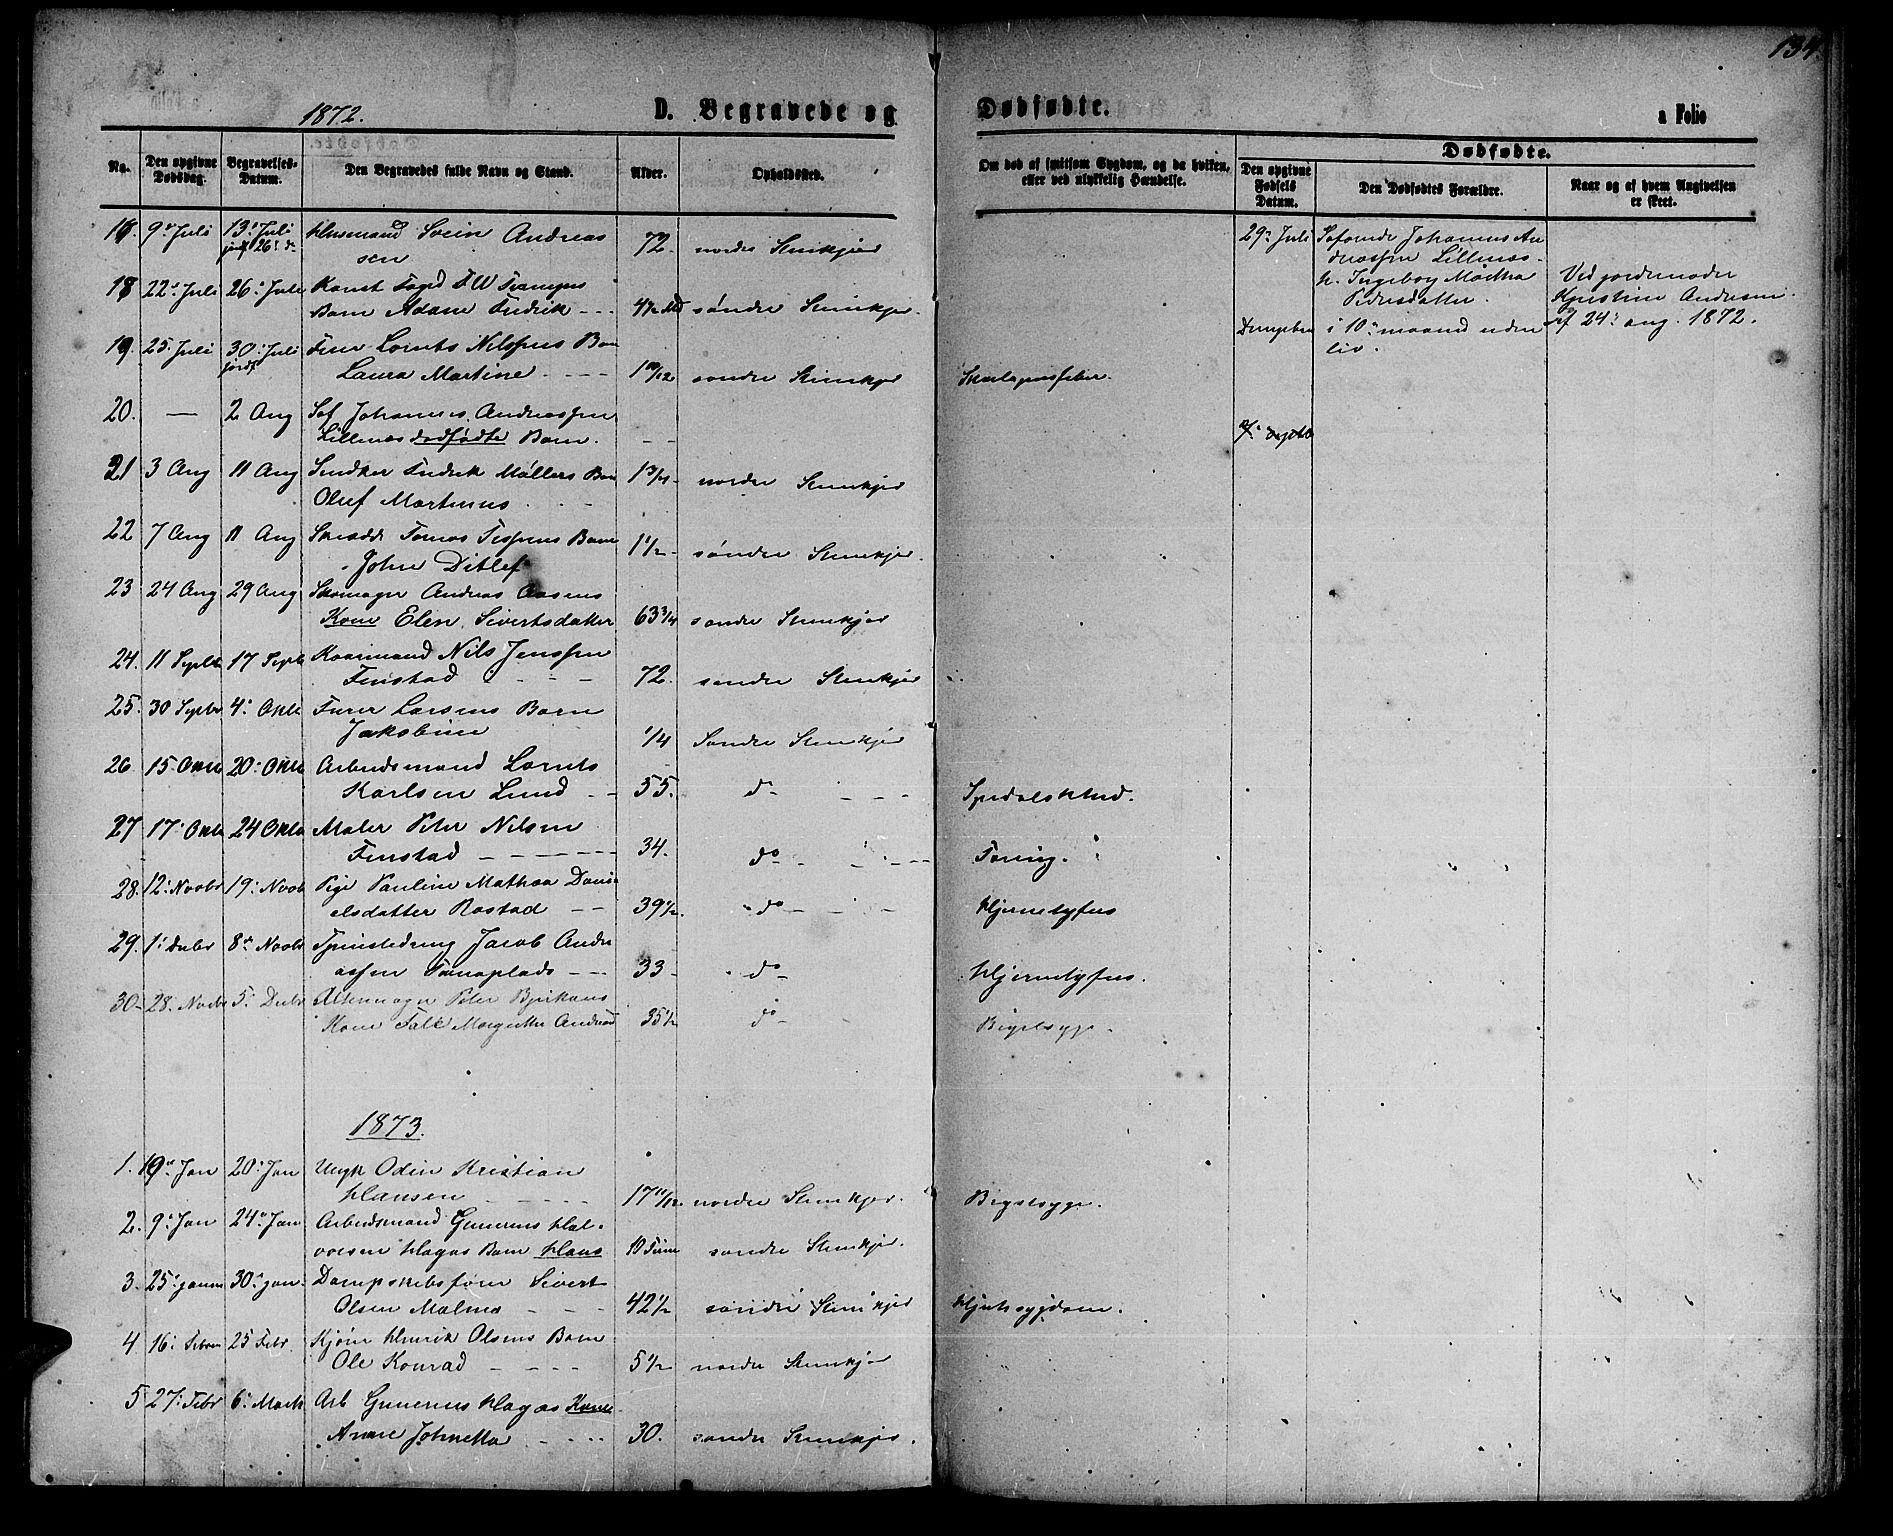 SAT, Ministerialprotokoller, klokkerbøker og fødselsregistre - Nord-Trøndelag, 739/L0373: Klokkerbok nr. 739C01, 1865-1882, s. 134